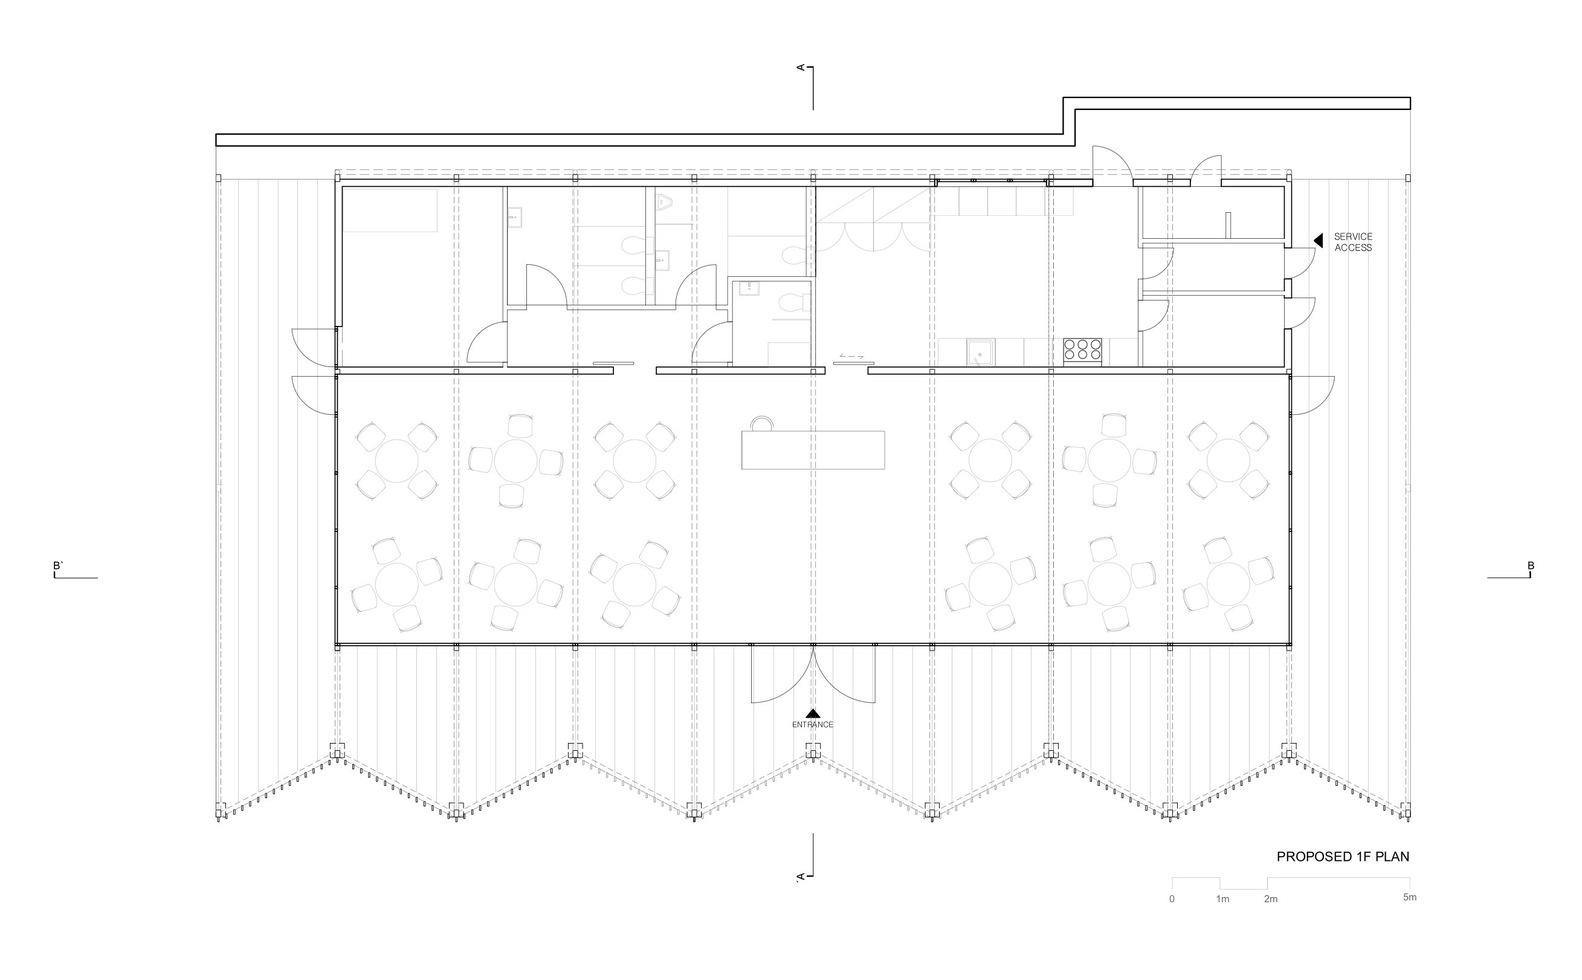 Thiết kế của nhà hàng trung tâm